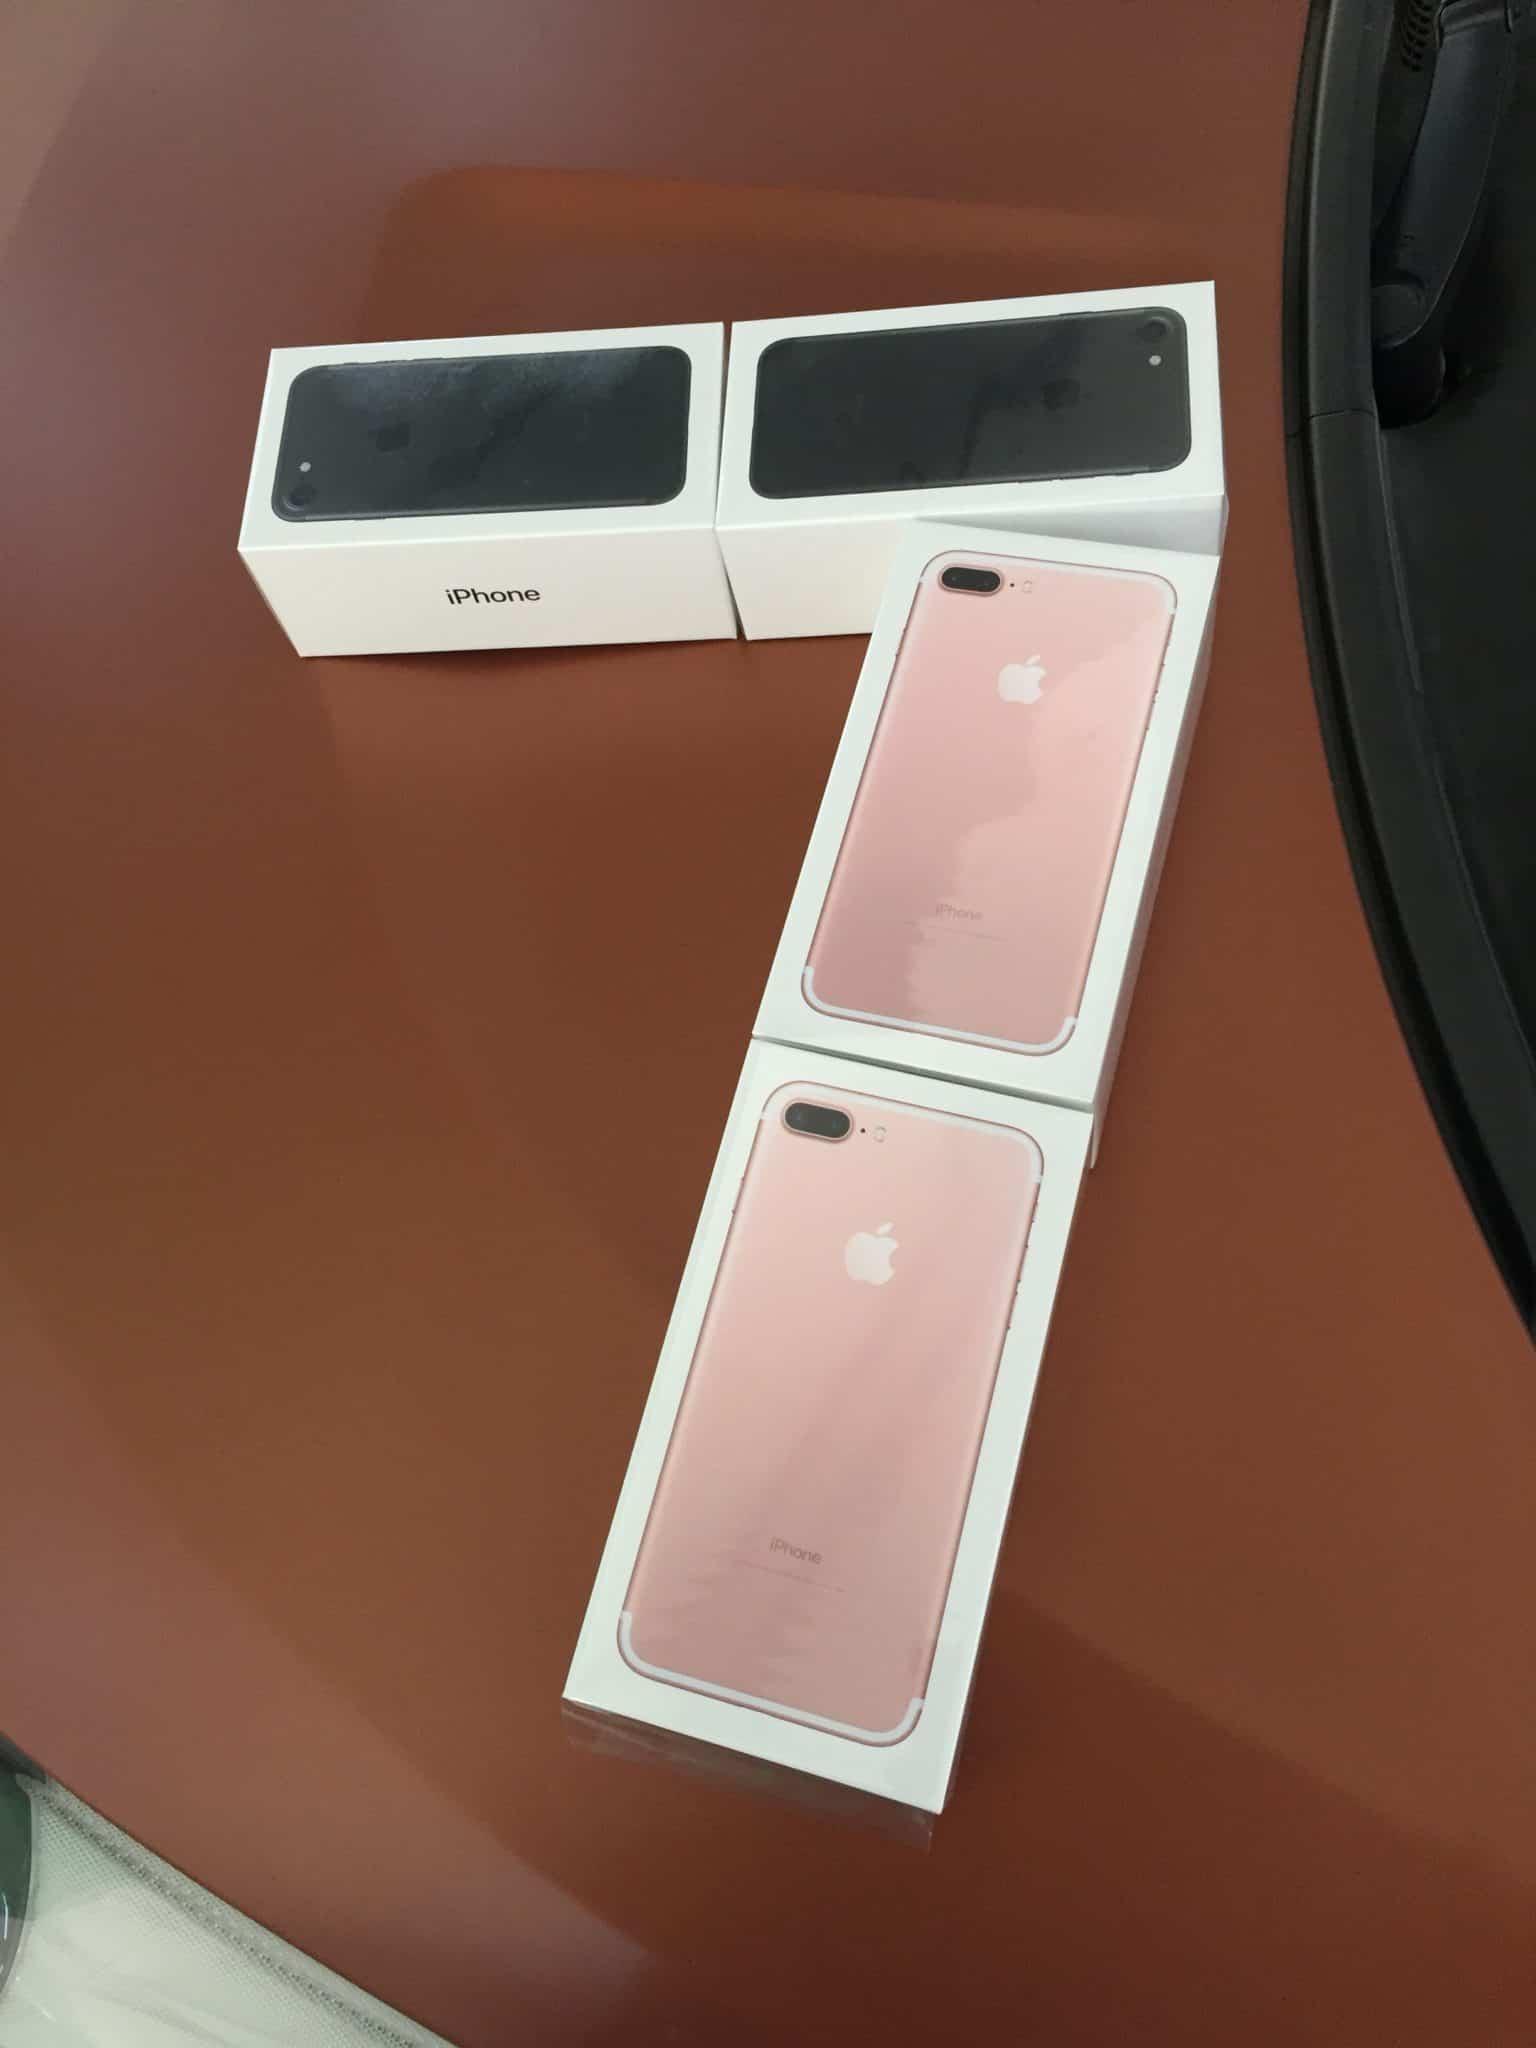 iPhone 7 in Dubai